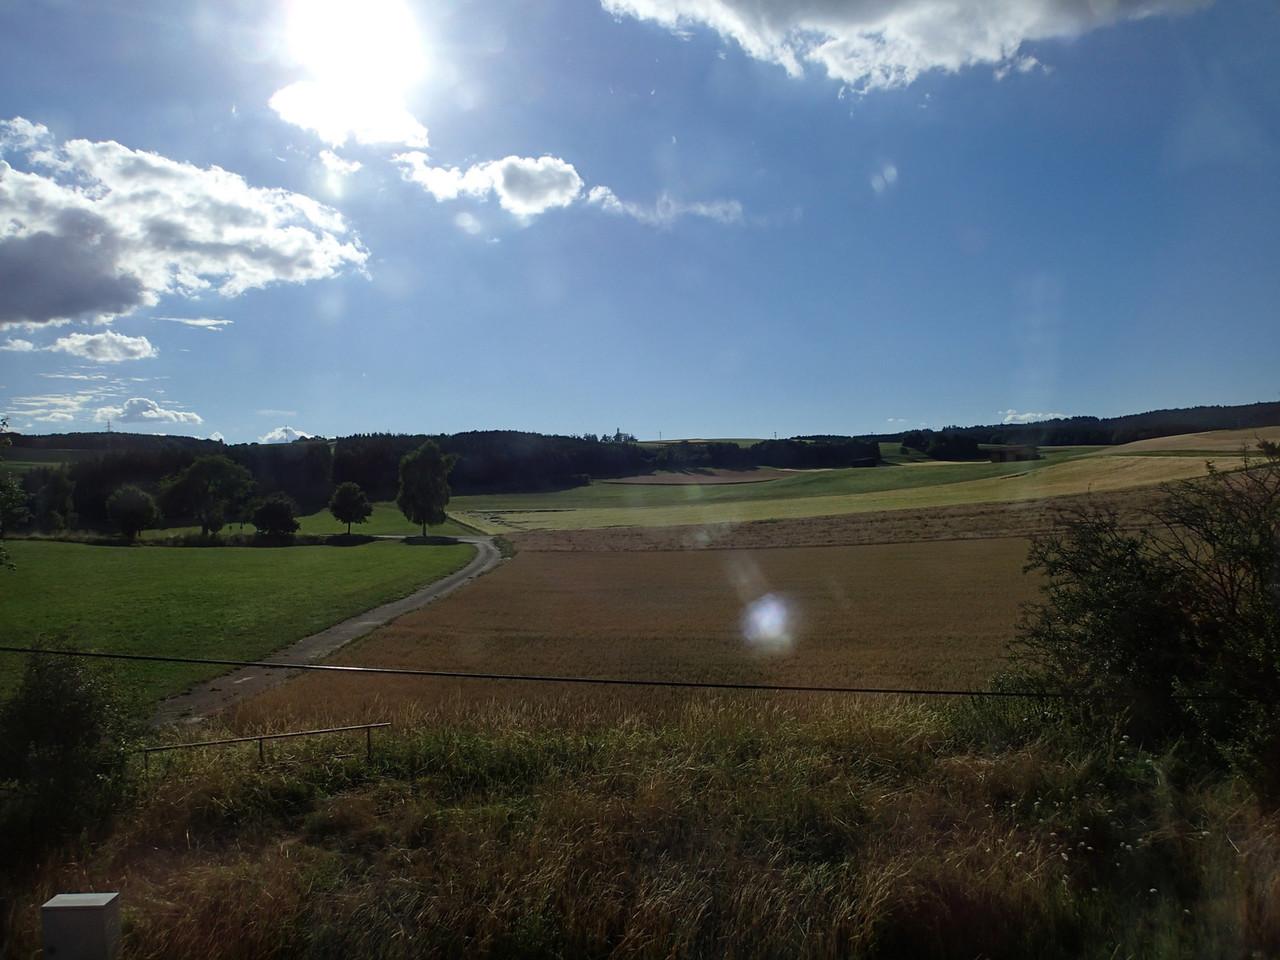 Der Schwarzwald bei Sonnenschein